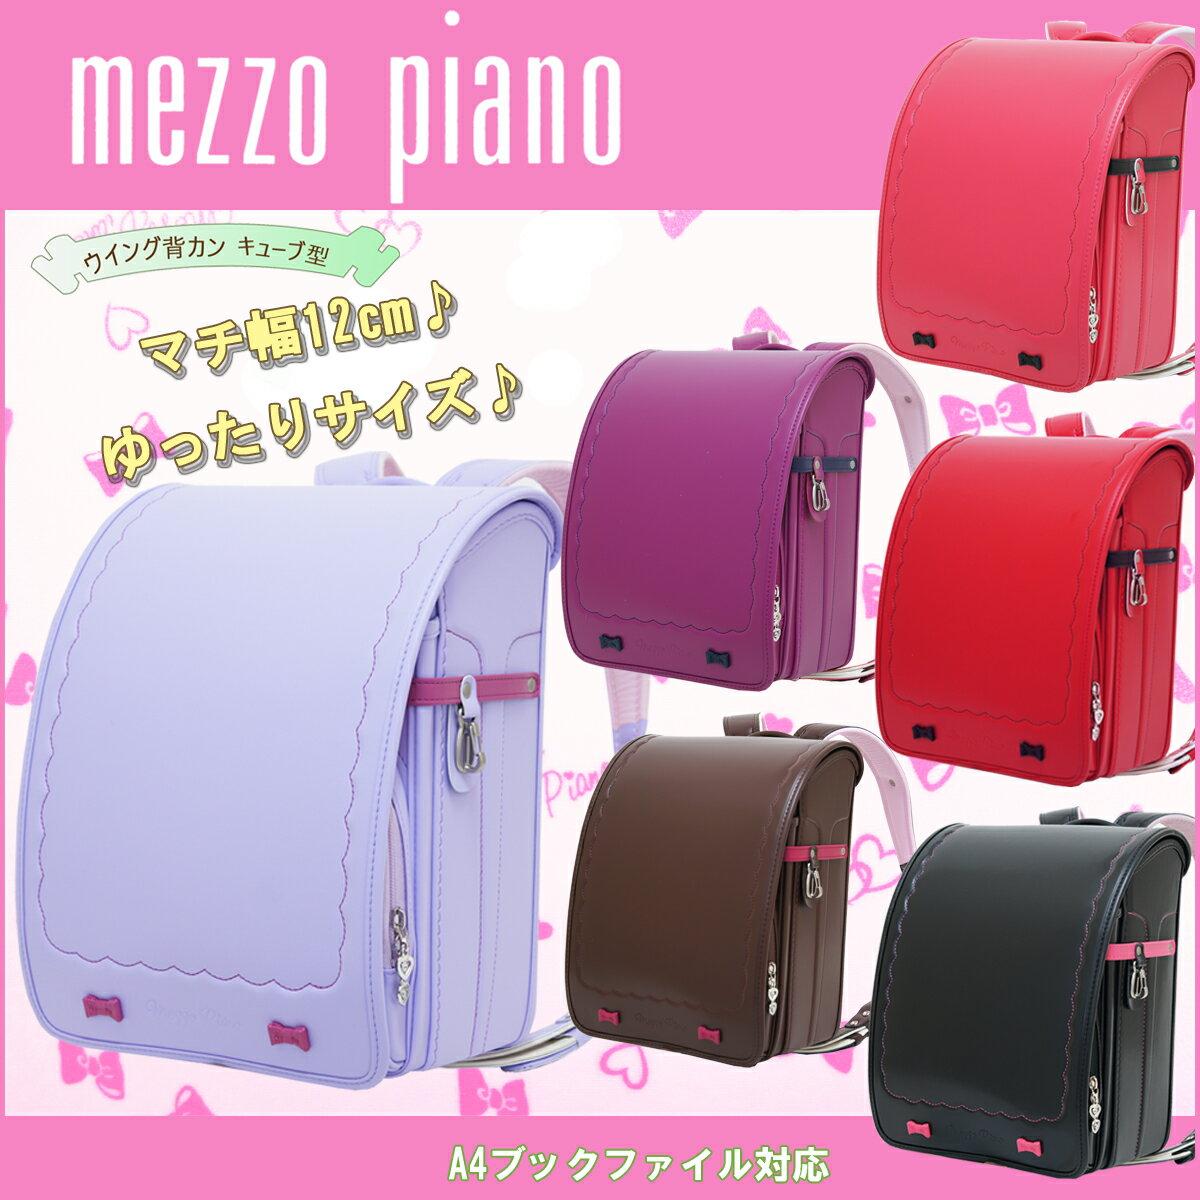 2019年度 ランドセル 女の子 ガールズ mezzo piano メゾピアノ newガーリーリボングラン キューブ型(wide) 12cmマチ ウイング背カン 百貨店モデル 人工皮革 0103-9407 MADE IN JAPAN(日本製)